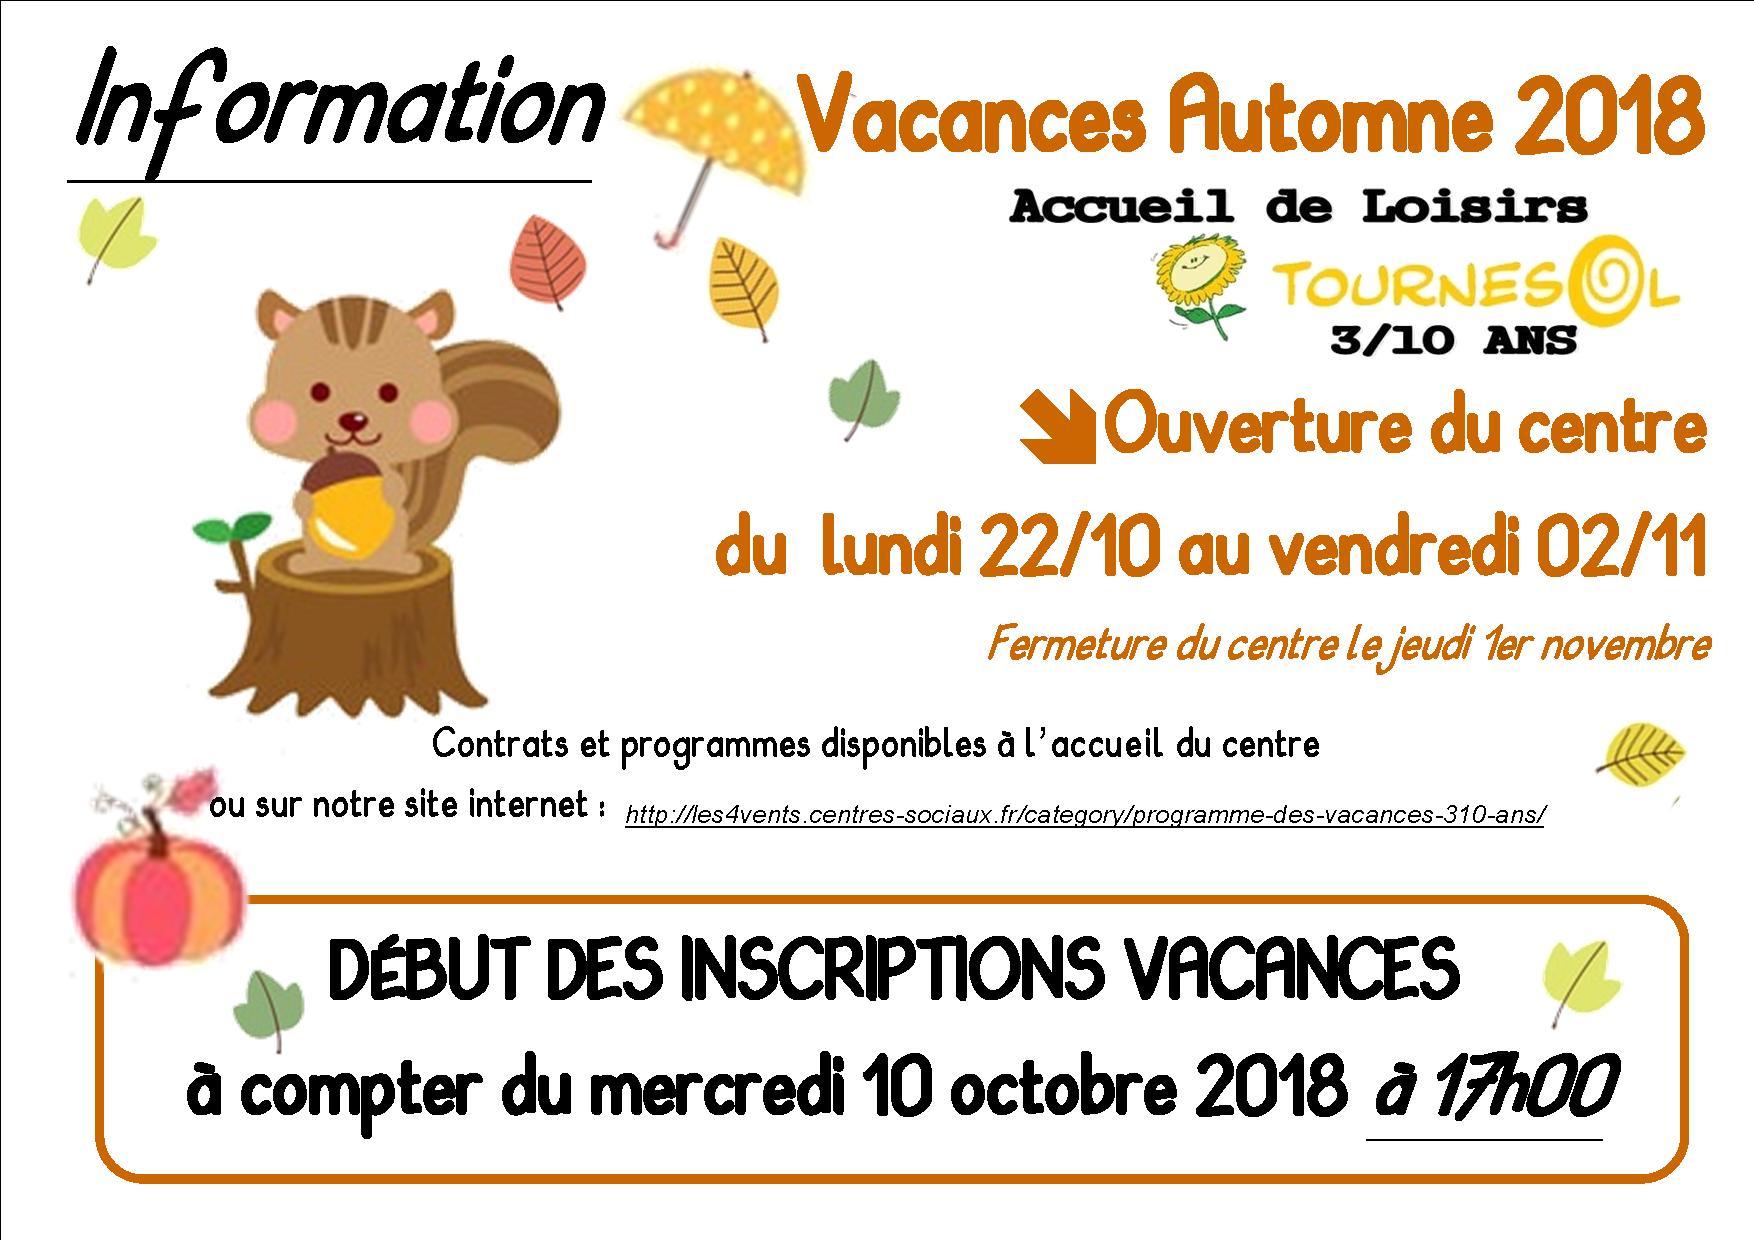 vacances automne 2018 Tournesol : Vacances du0027automne 2018